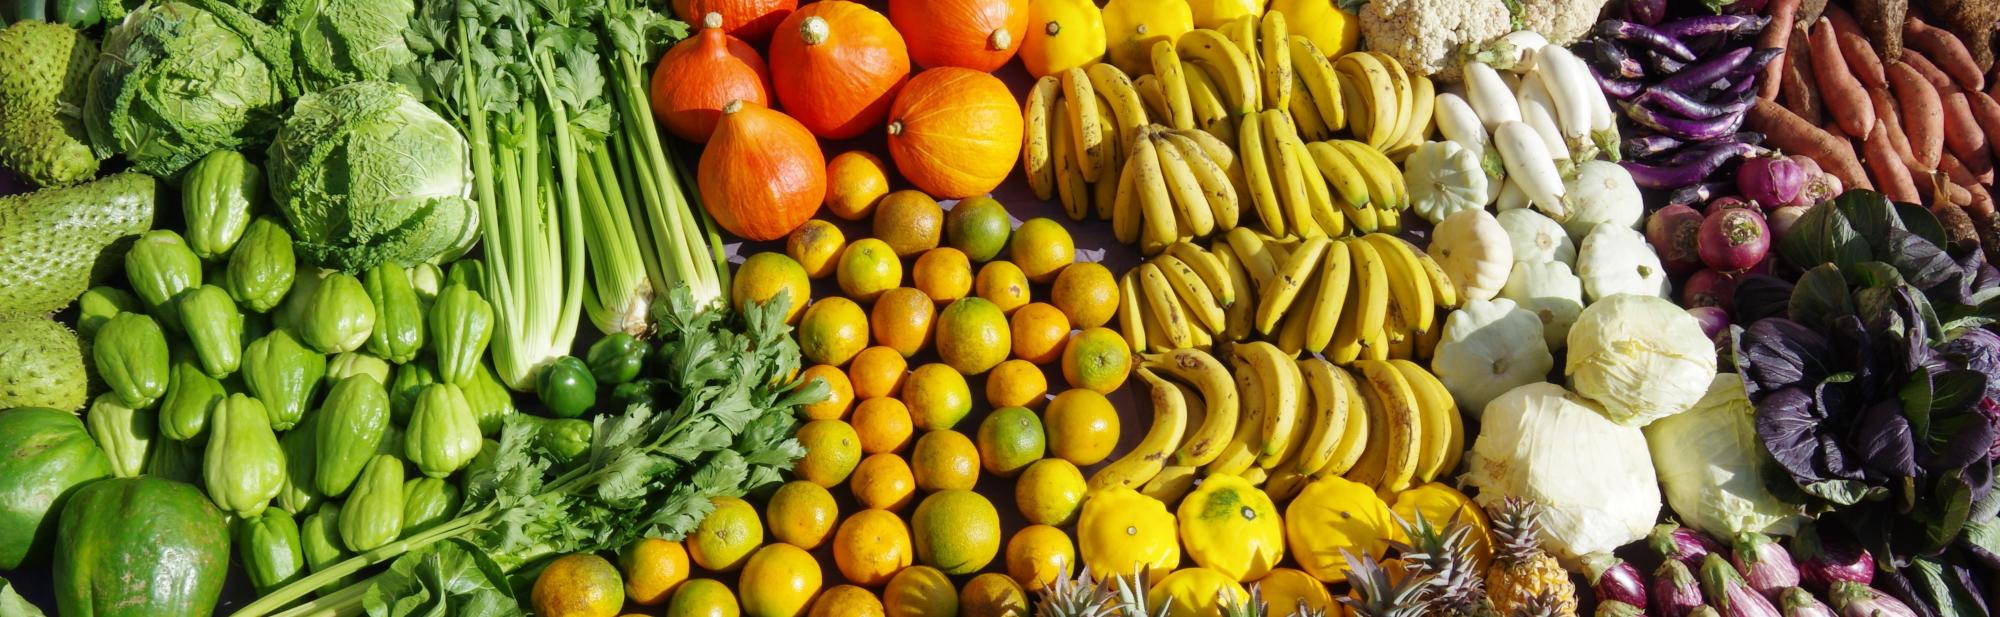 Concours d'étals de fruits et légumes 2019